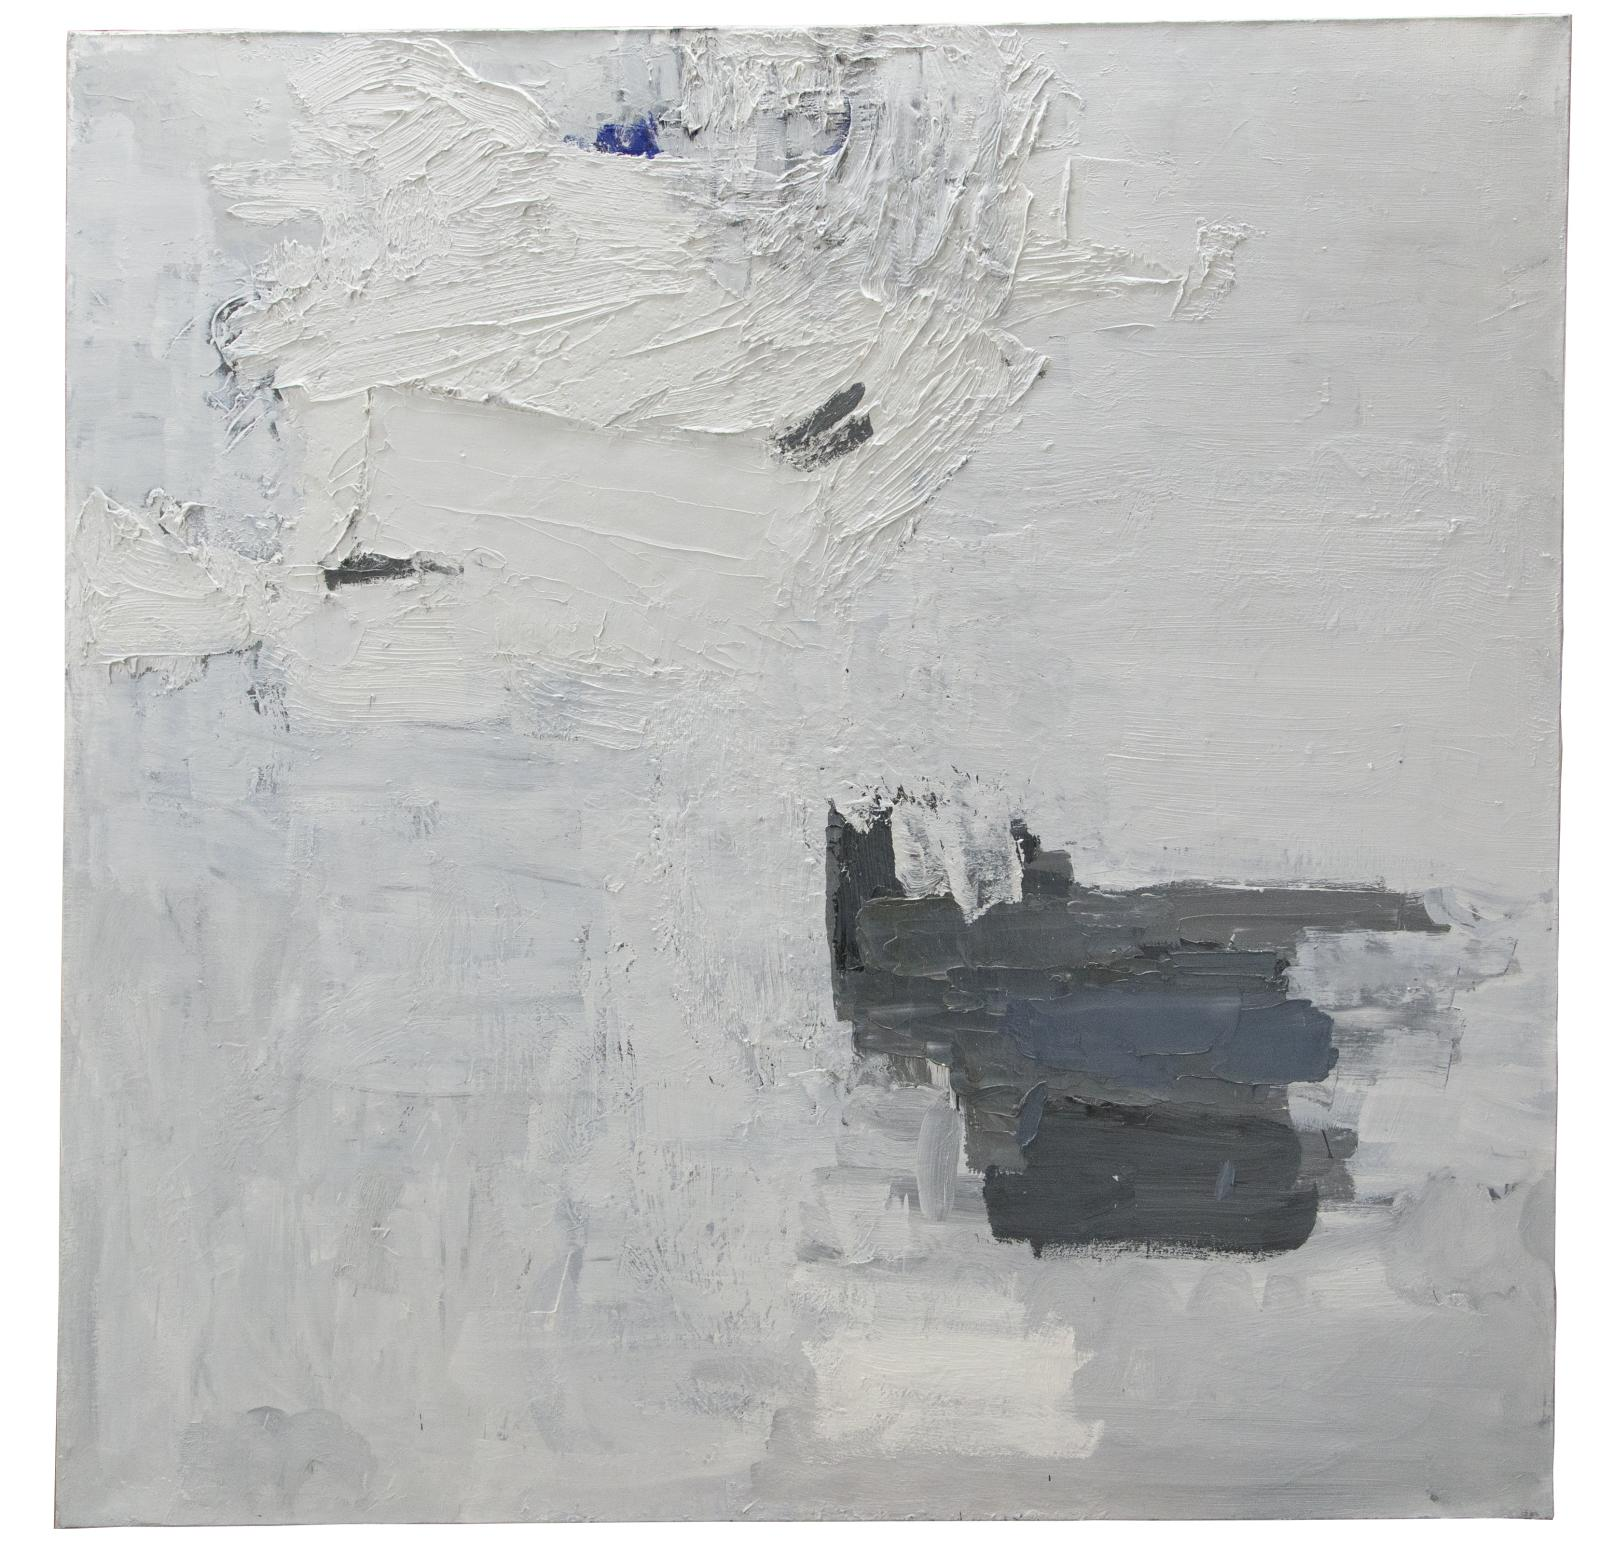 François Aubrun, Untitled #24, 1969